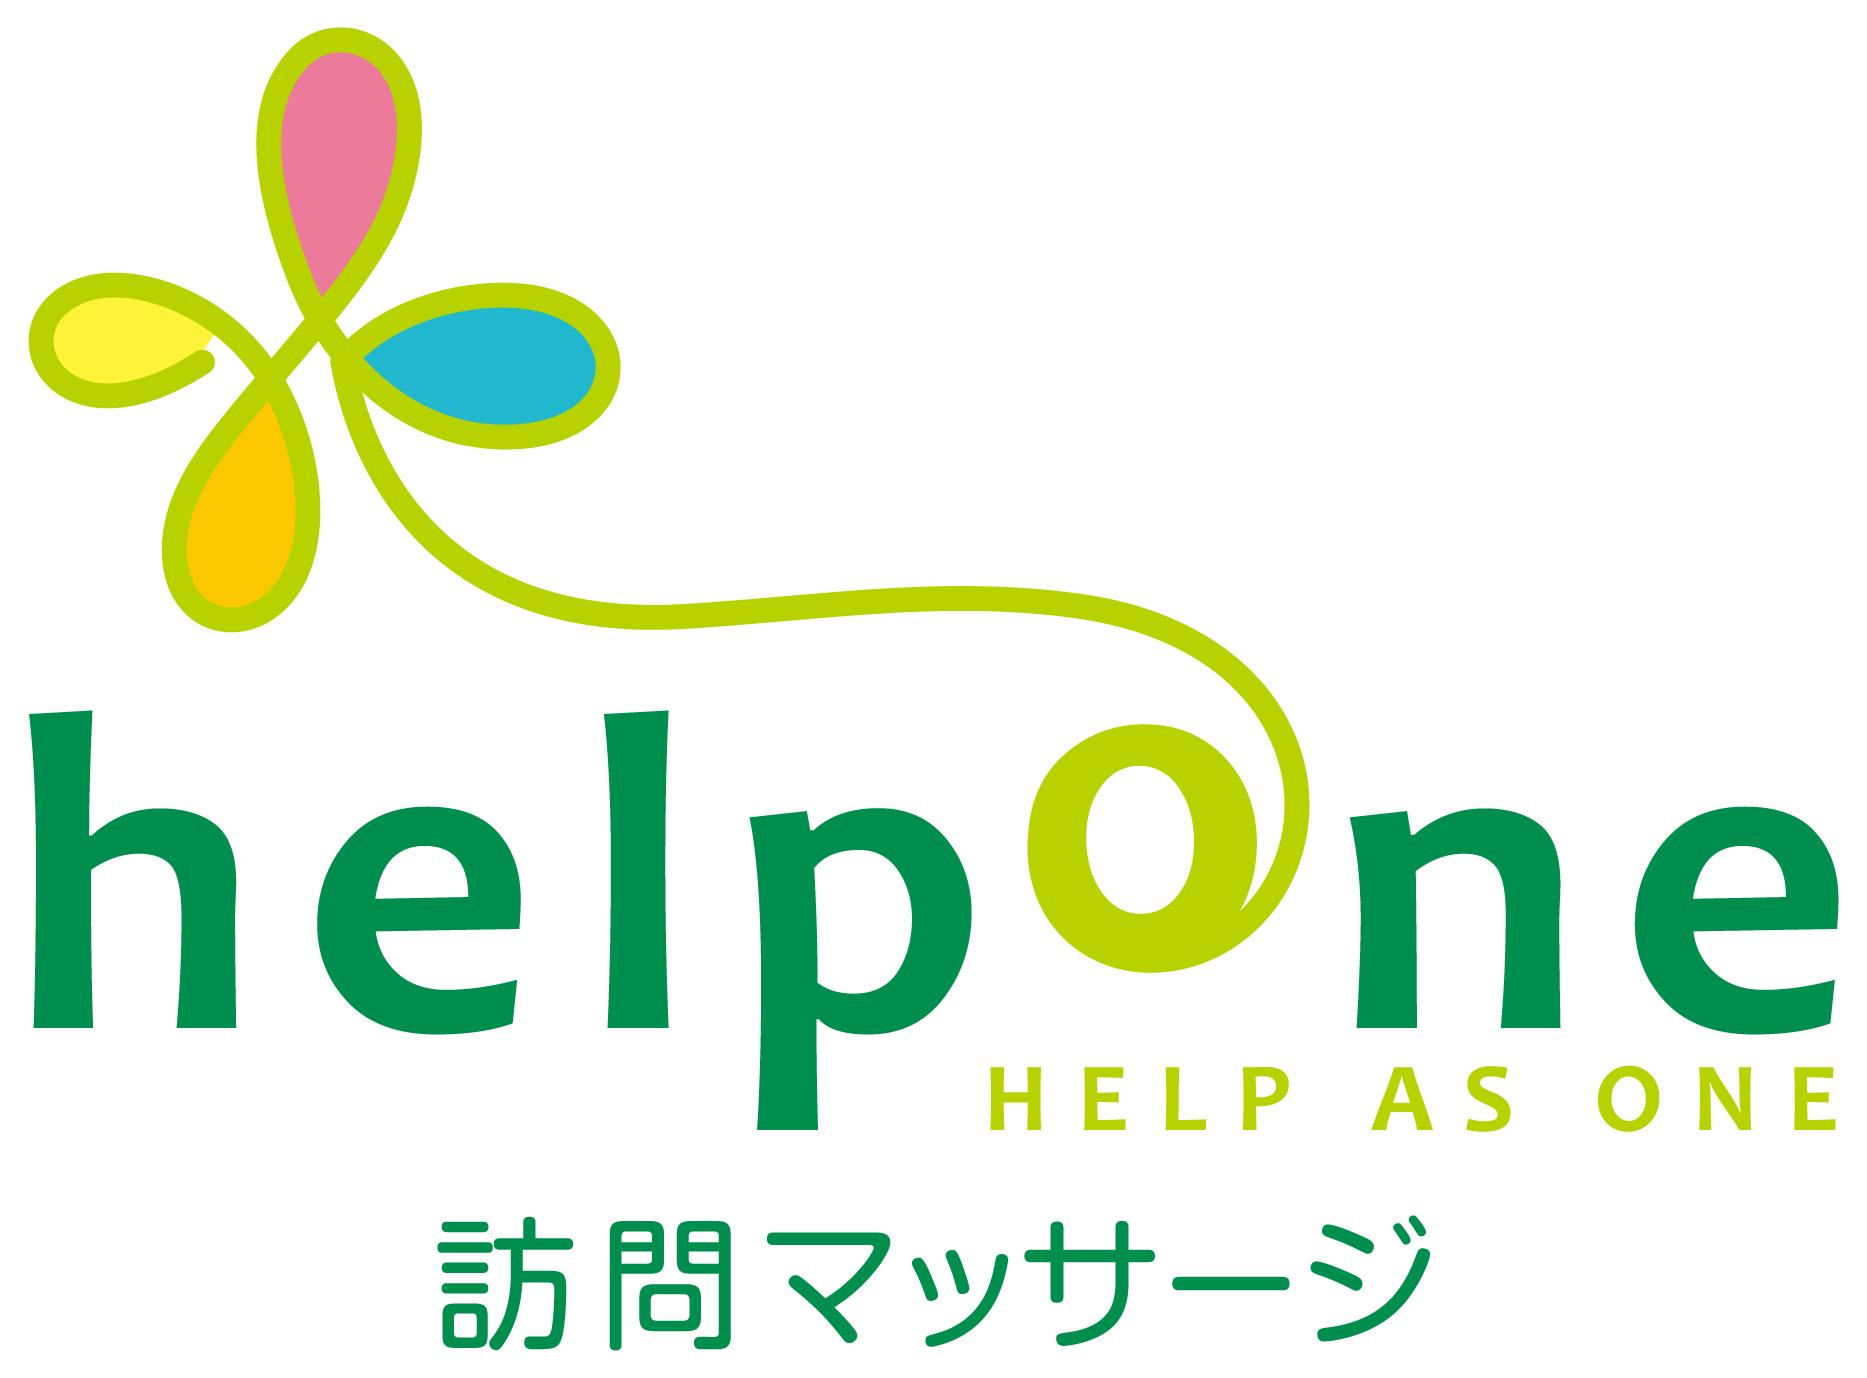 ヘルポン4